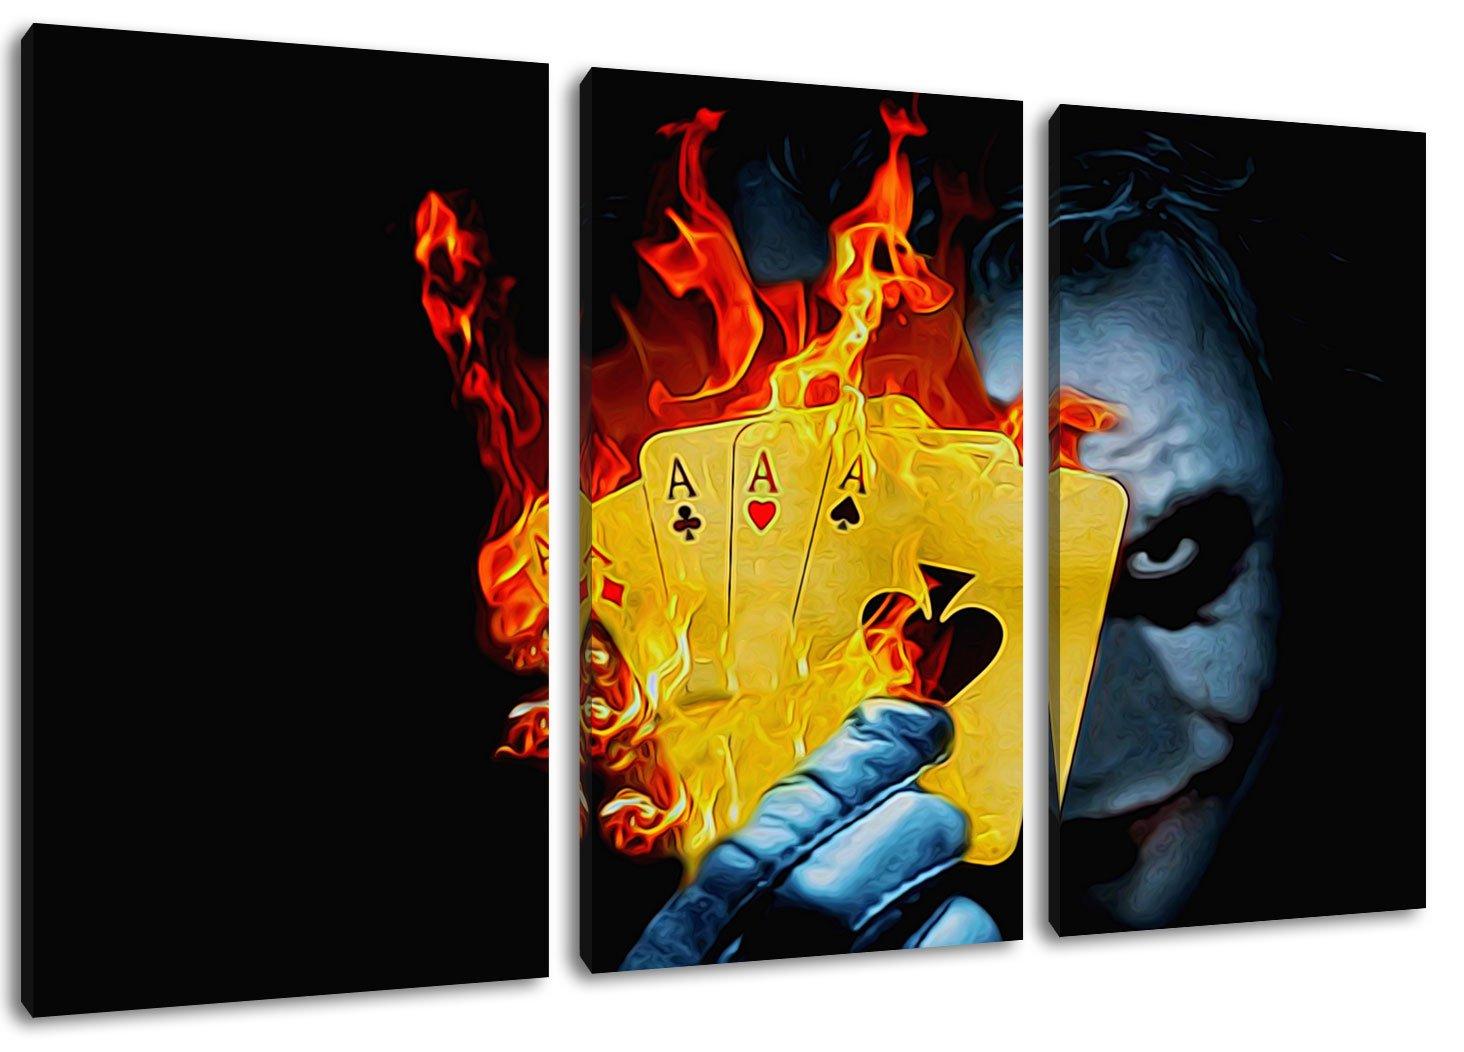 Joker 3-Piece Canvas Wall Art, overall size: 120 x 80 CM)-High ...